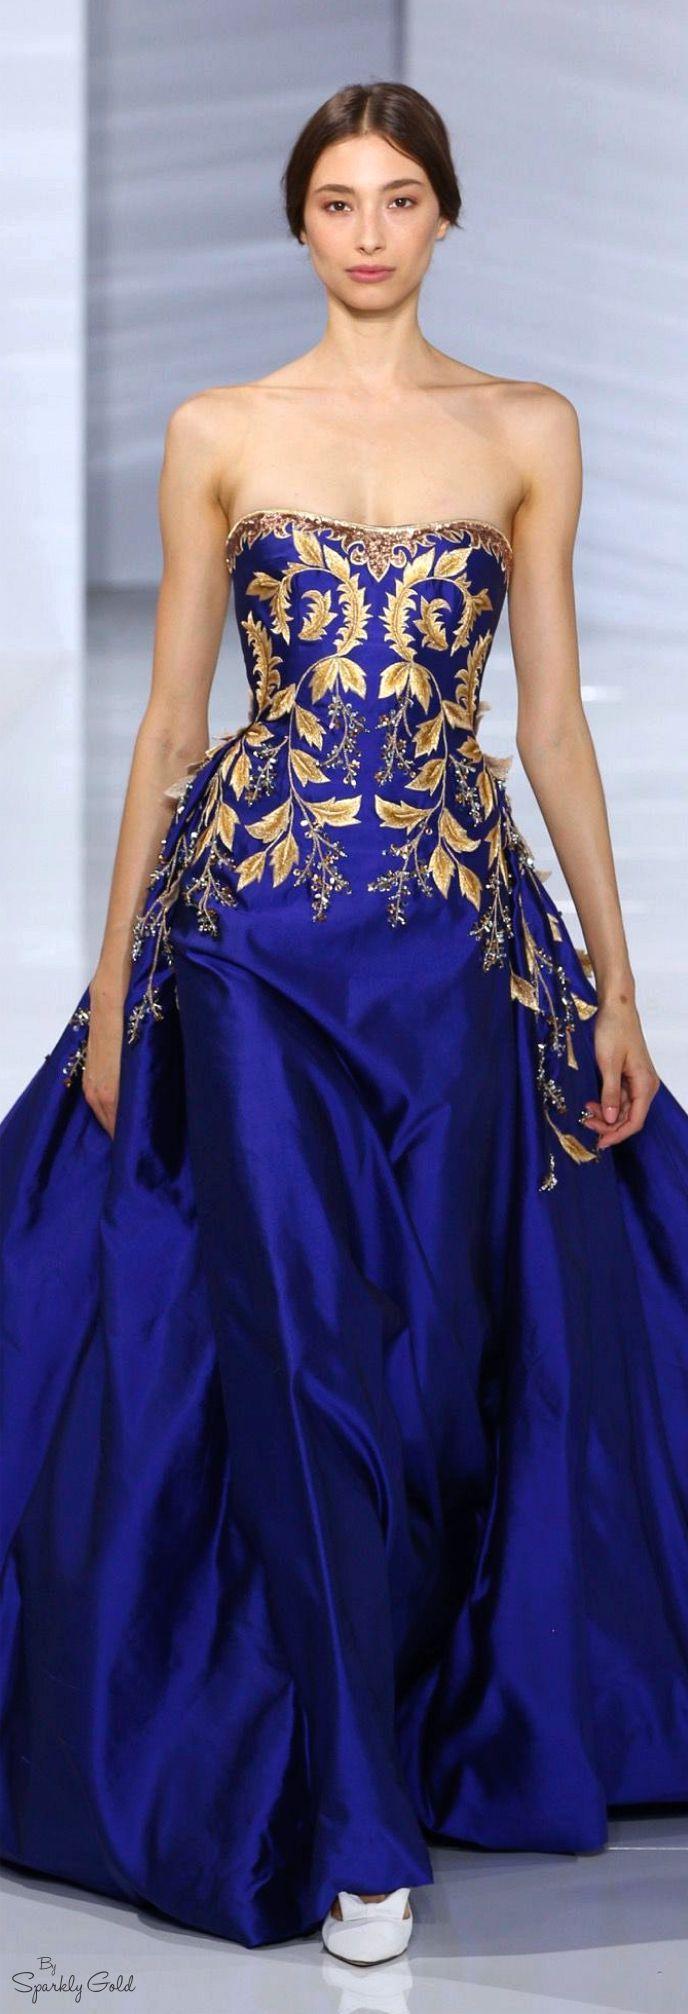 3303 best Kleider images on Pinterest | Formal prom dresses, Black ...